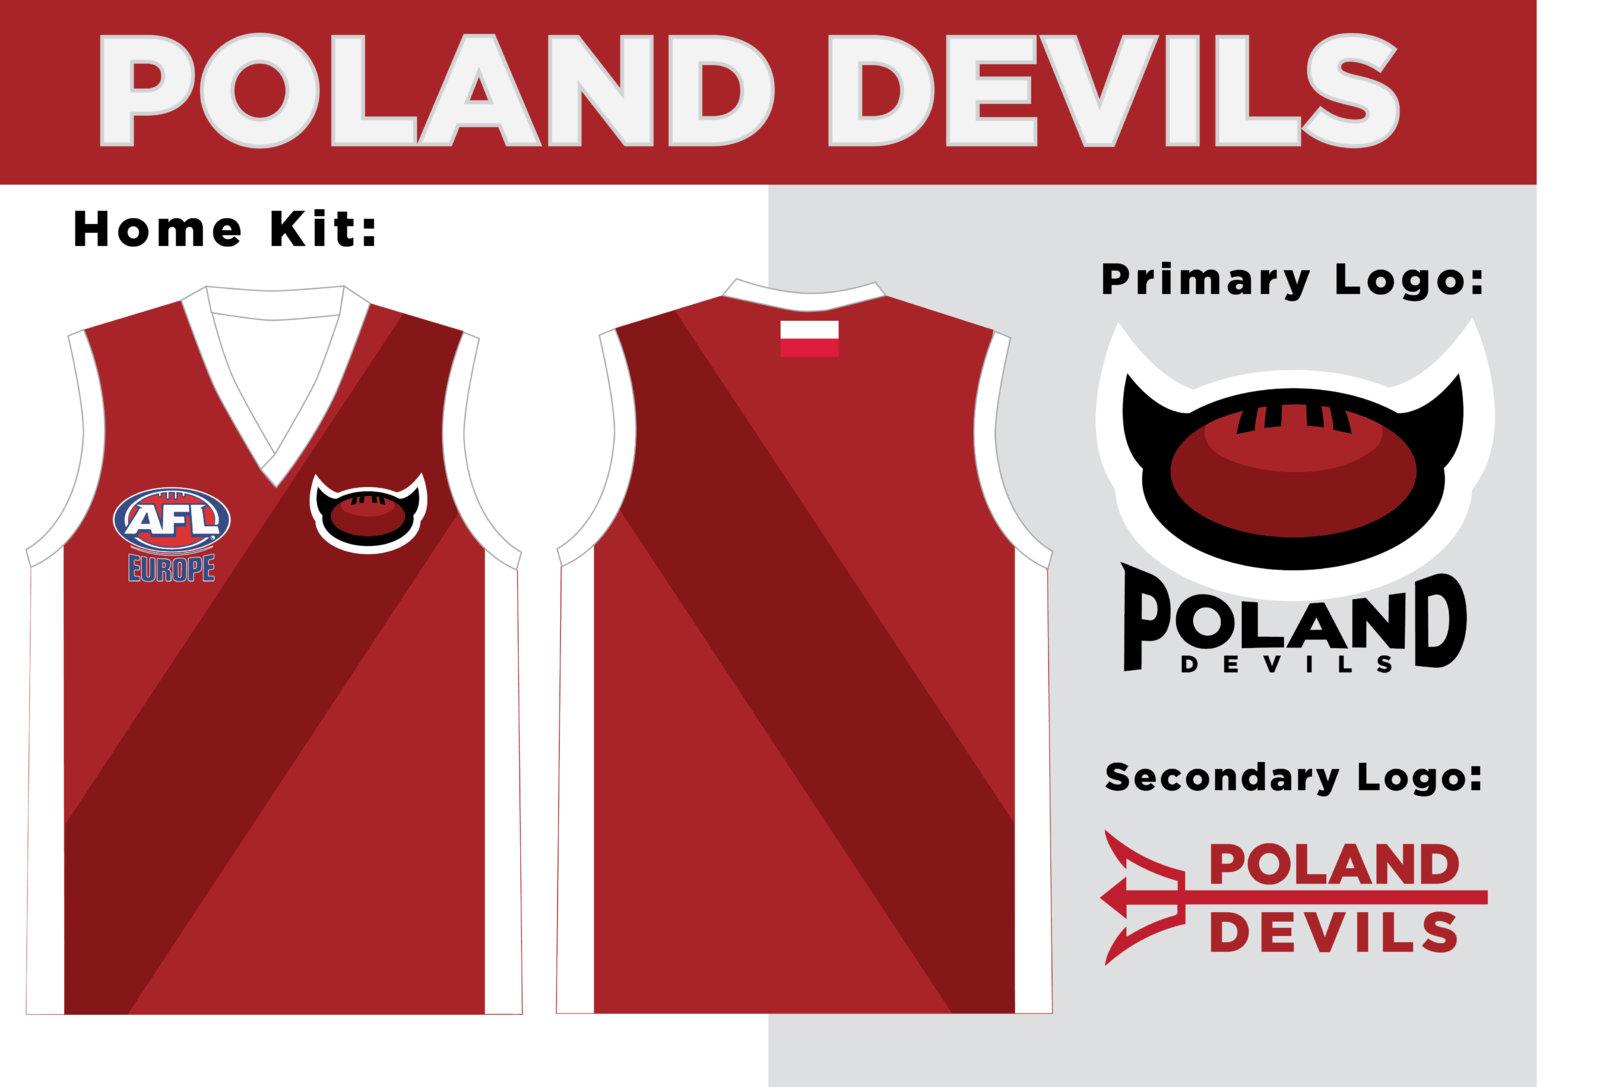 POLISH DEVILS 2.jpg